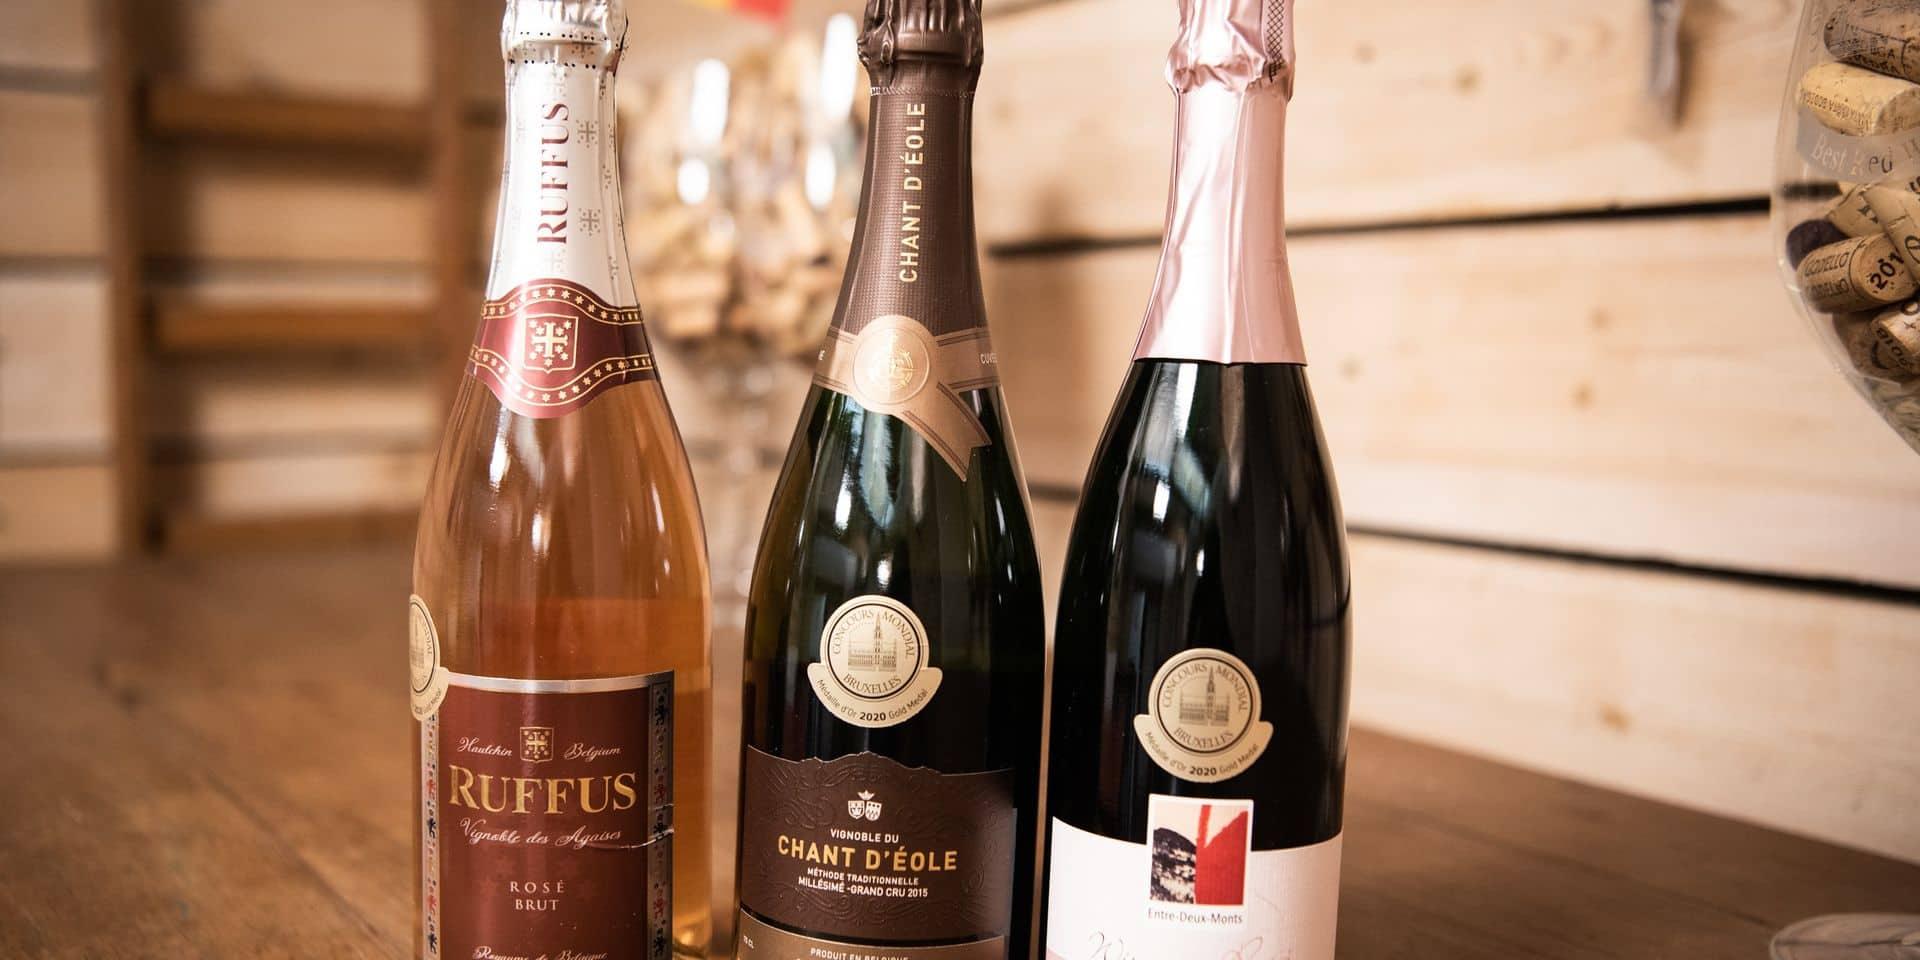 Les vignerons belges ont la cote: six vins mousseux récompensés au mondial de Bruxelles!